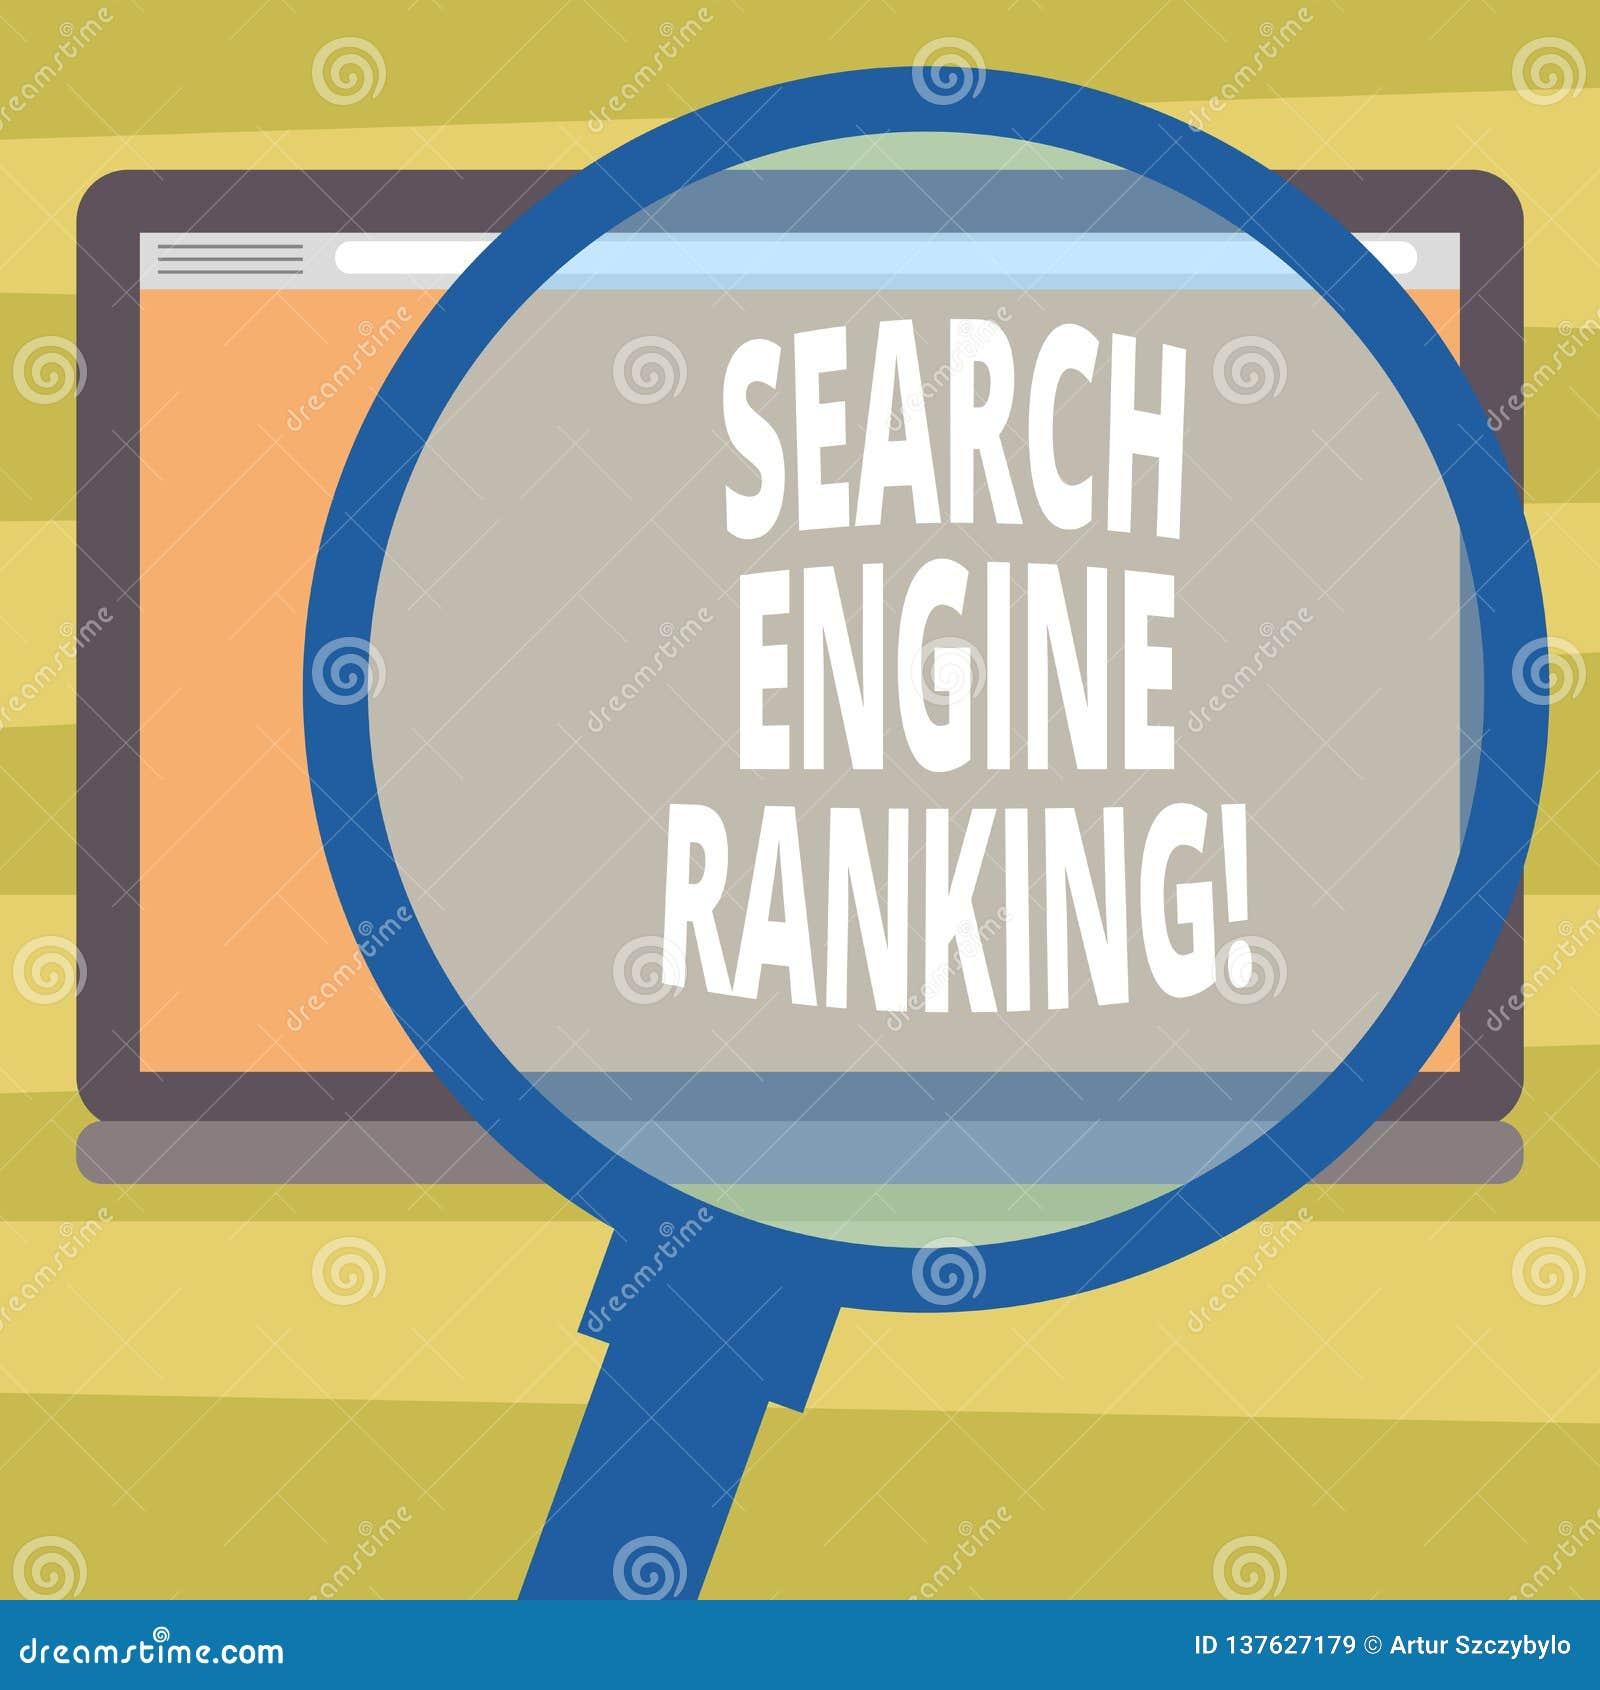 文本标志陈列搜索引擎等级 站点出现于搜索引擎询问放大镜的概念性照片等级